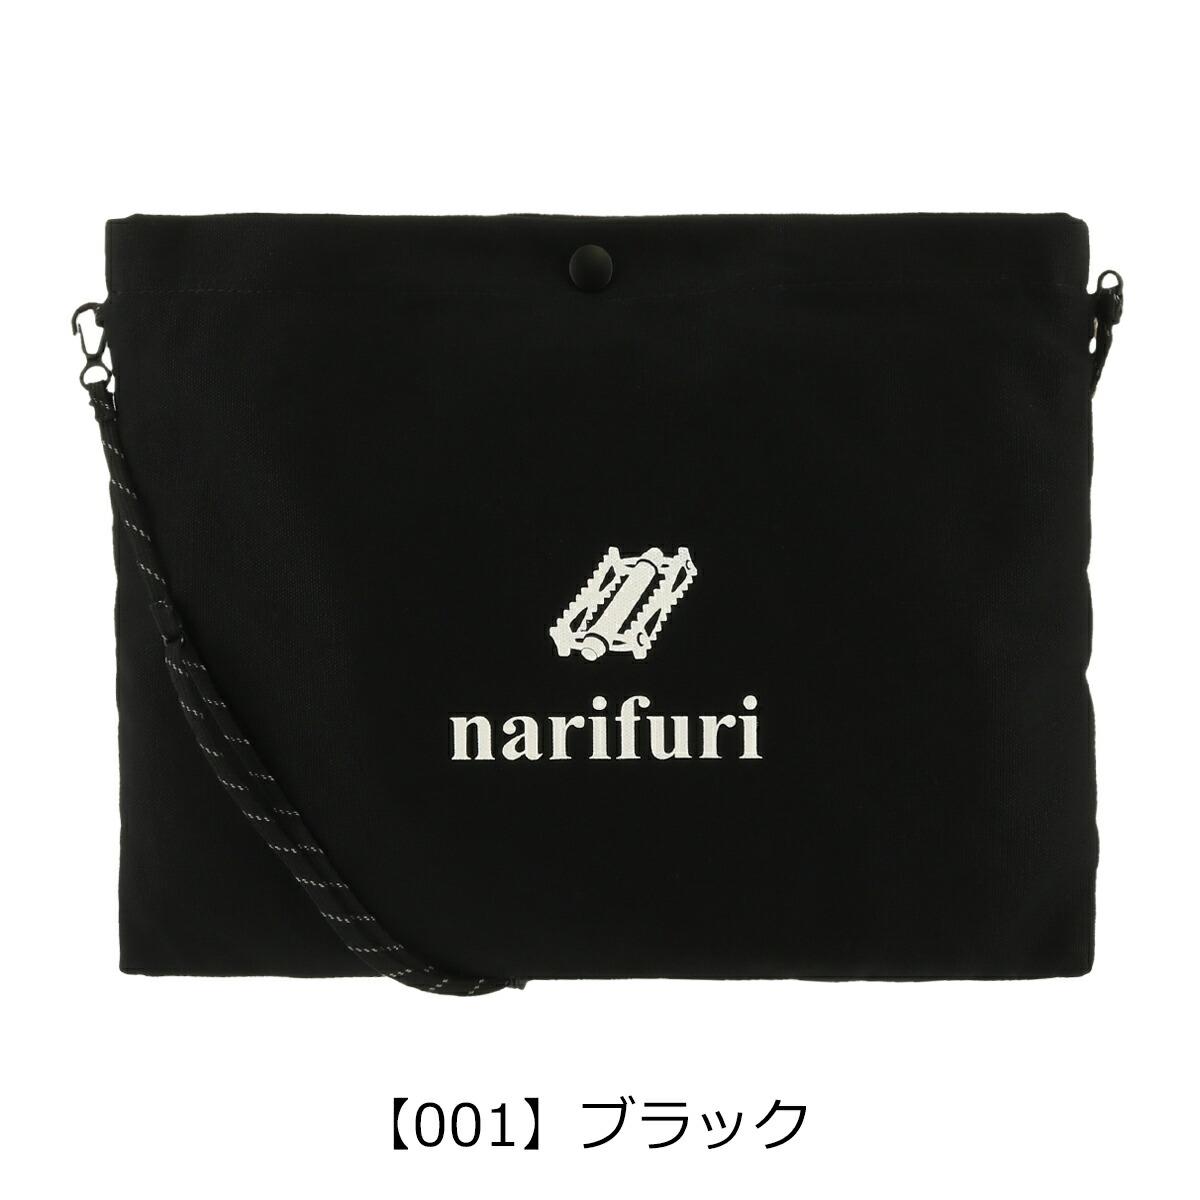 【001】ブラック